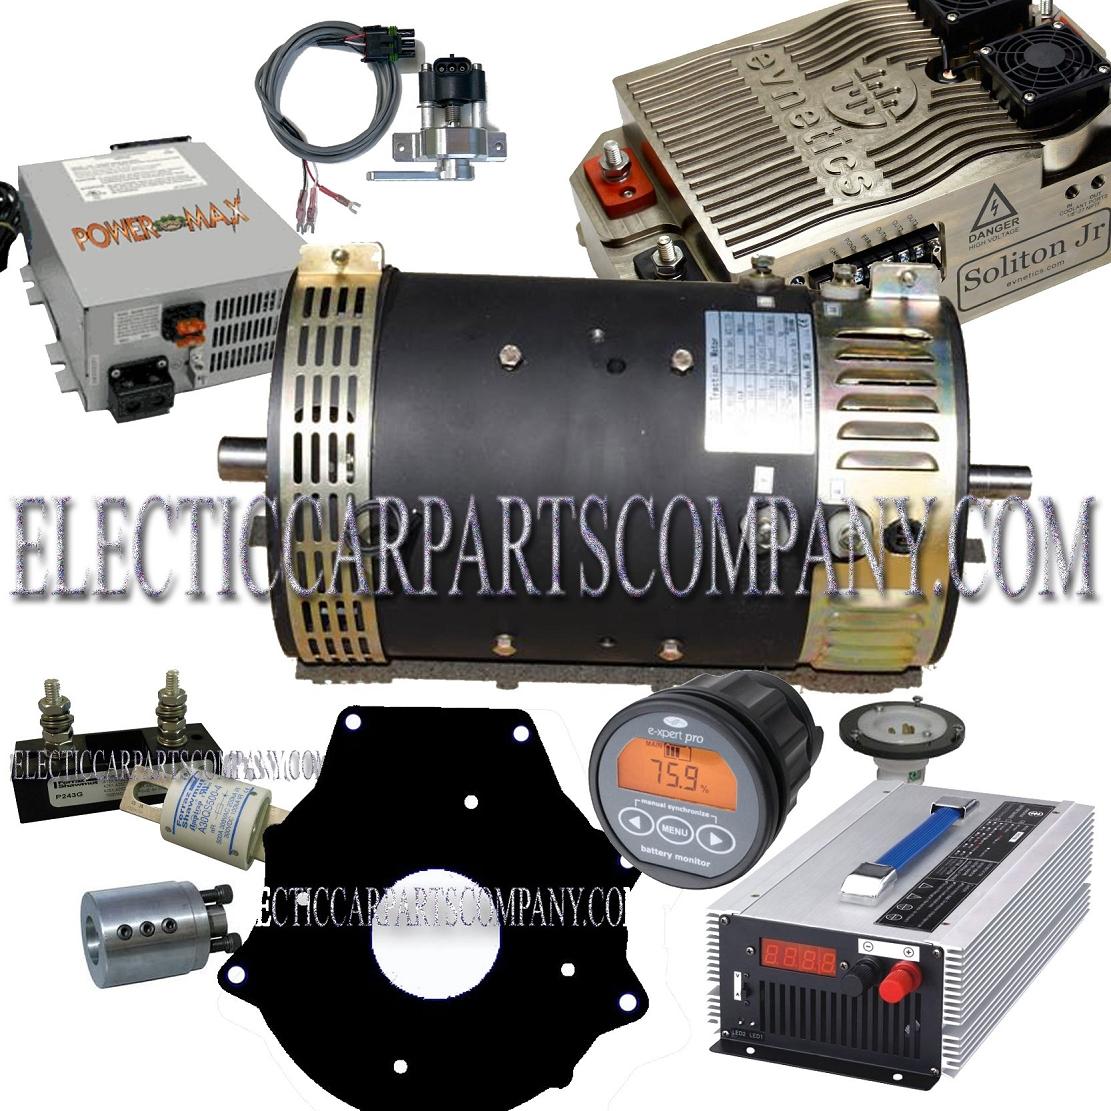 Kit Custom Ev Conversion Lithium Or Lead Acid